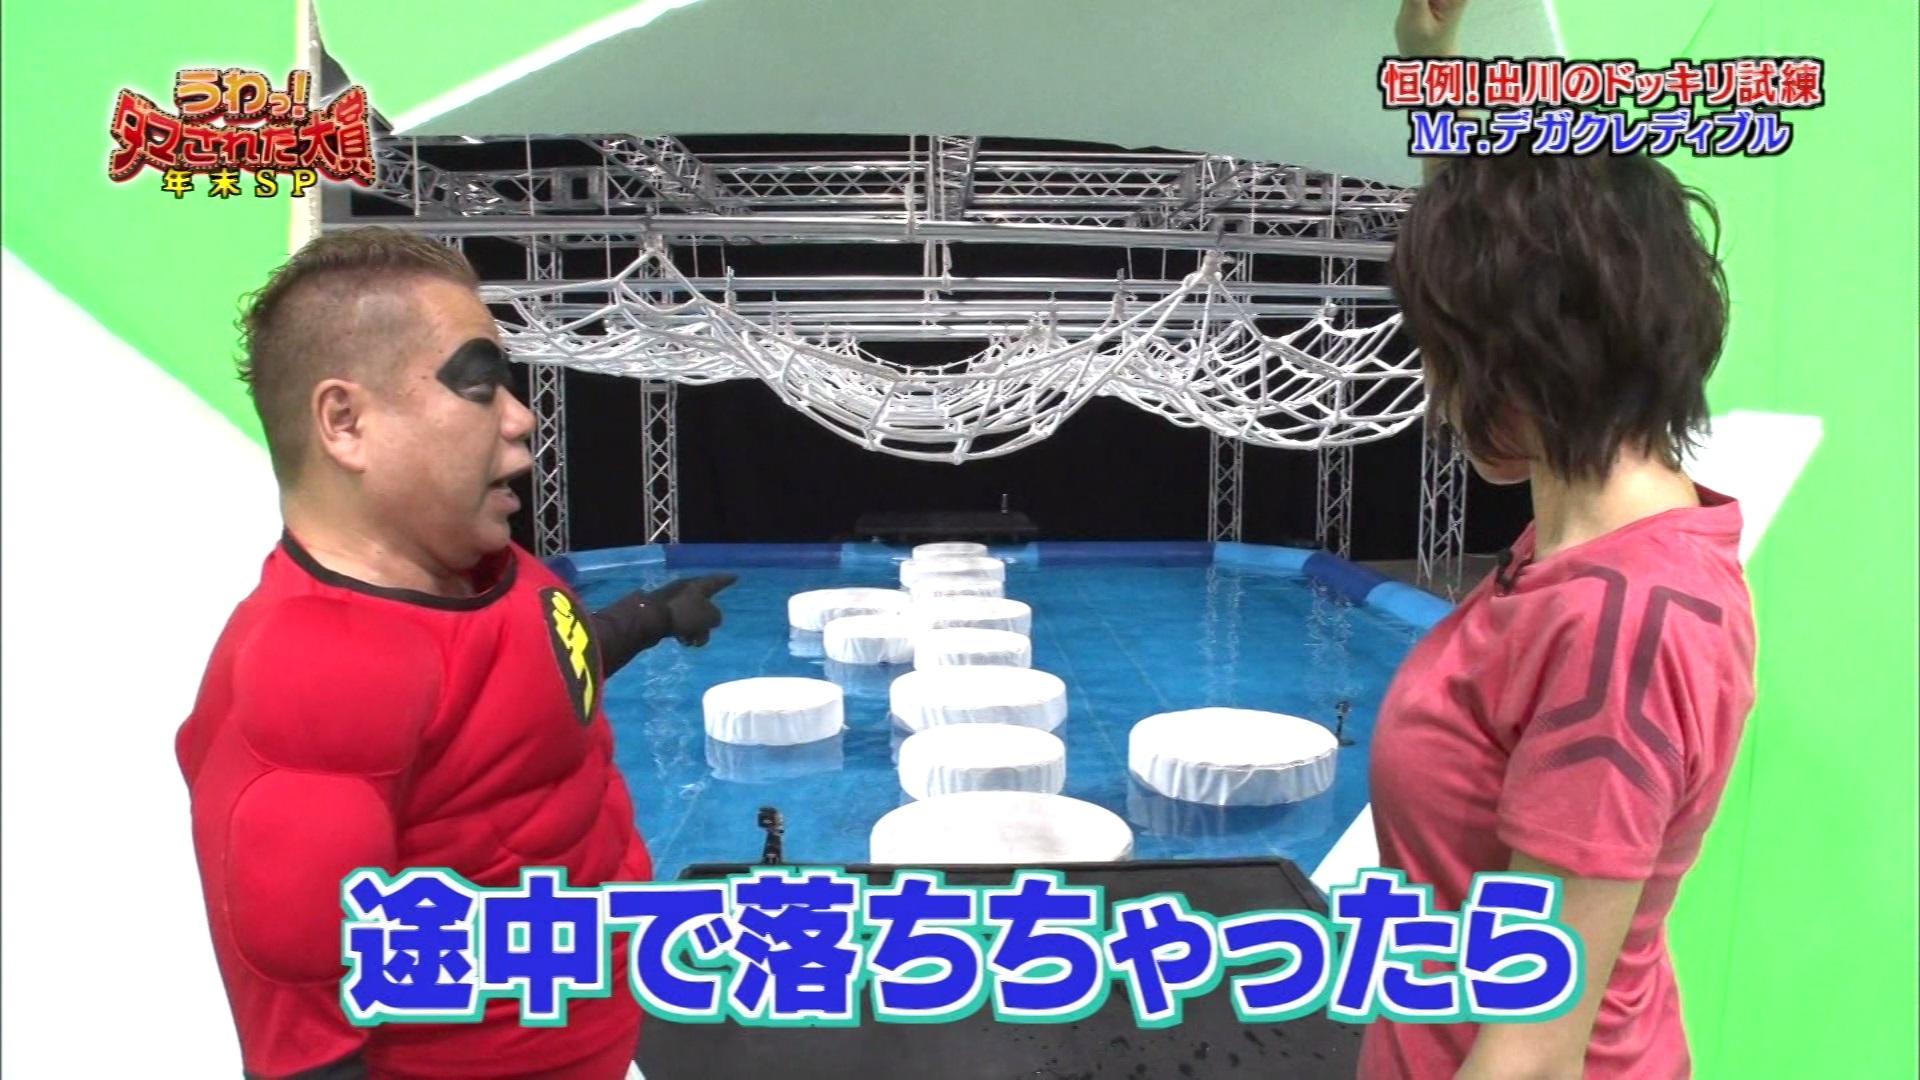 2018年12月30日・日本テレビ「うわっ!ダマされた大賞2018」出演、中村静香さんのテレビキャプチャー画像-037